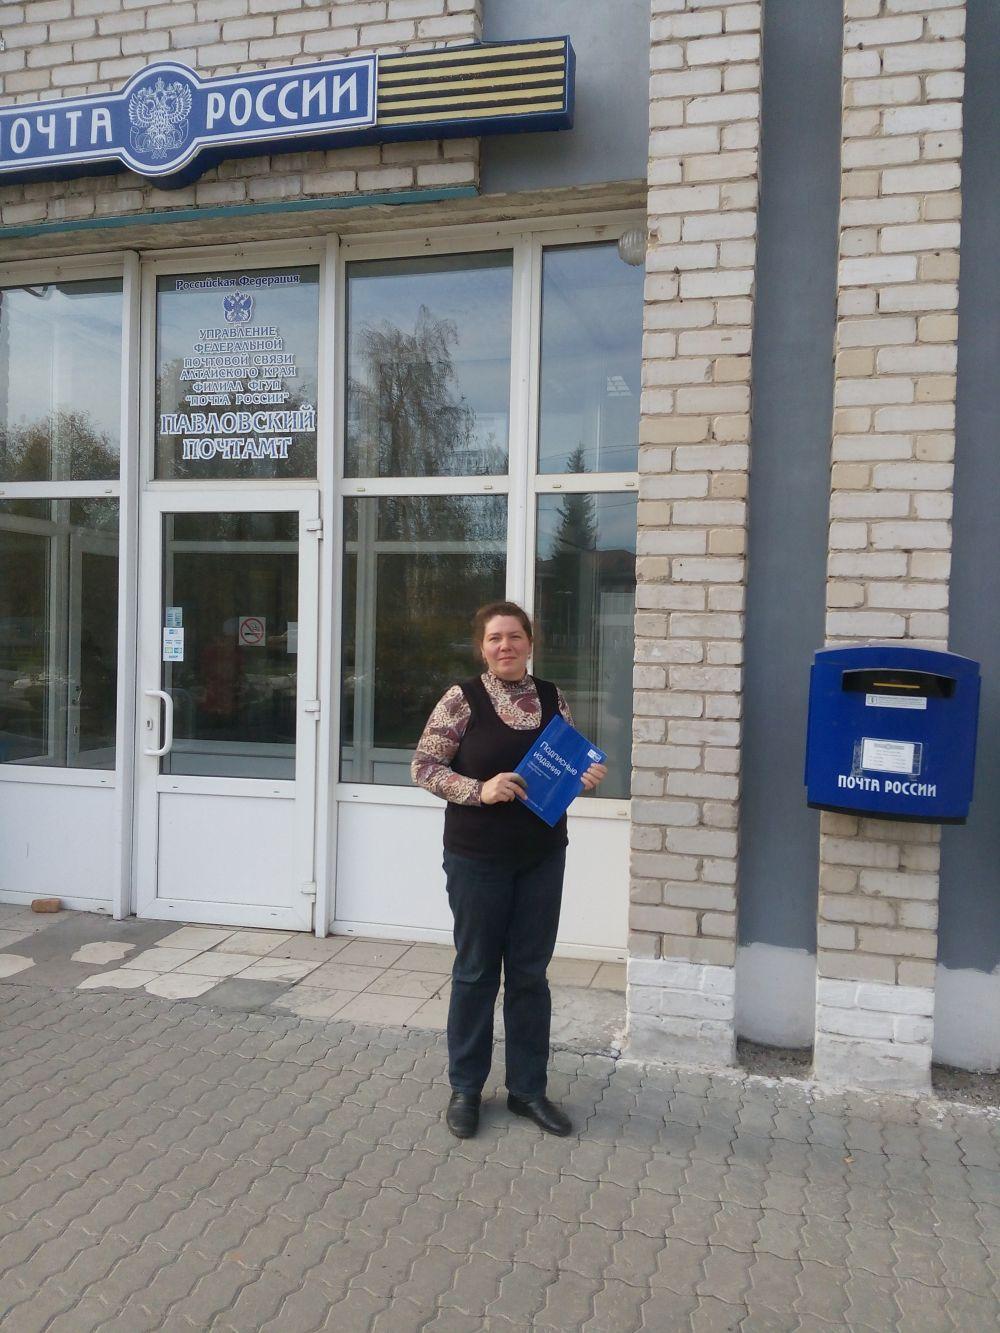 Наталья Павлова, Павловский почтамт. Подписной каталог всегда наготове!